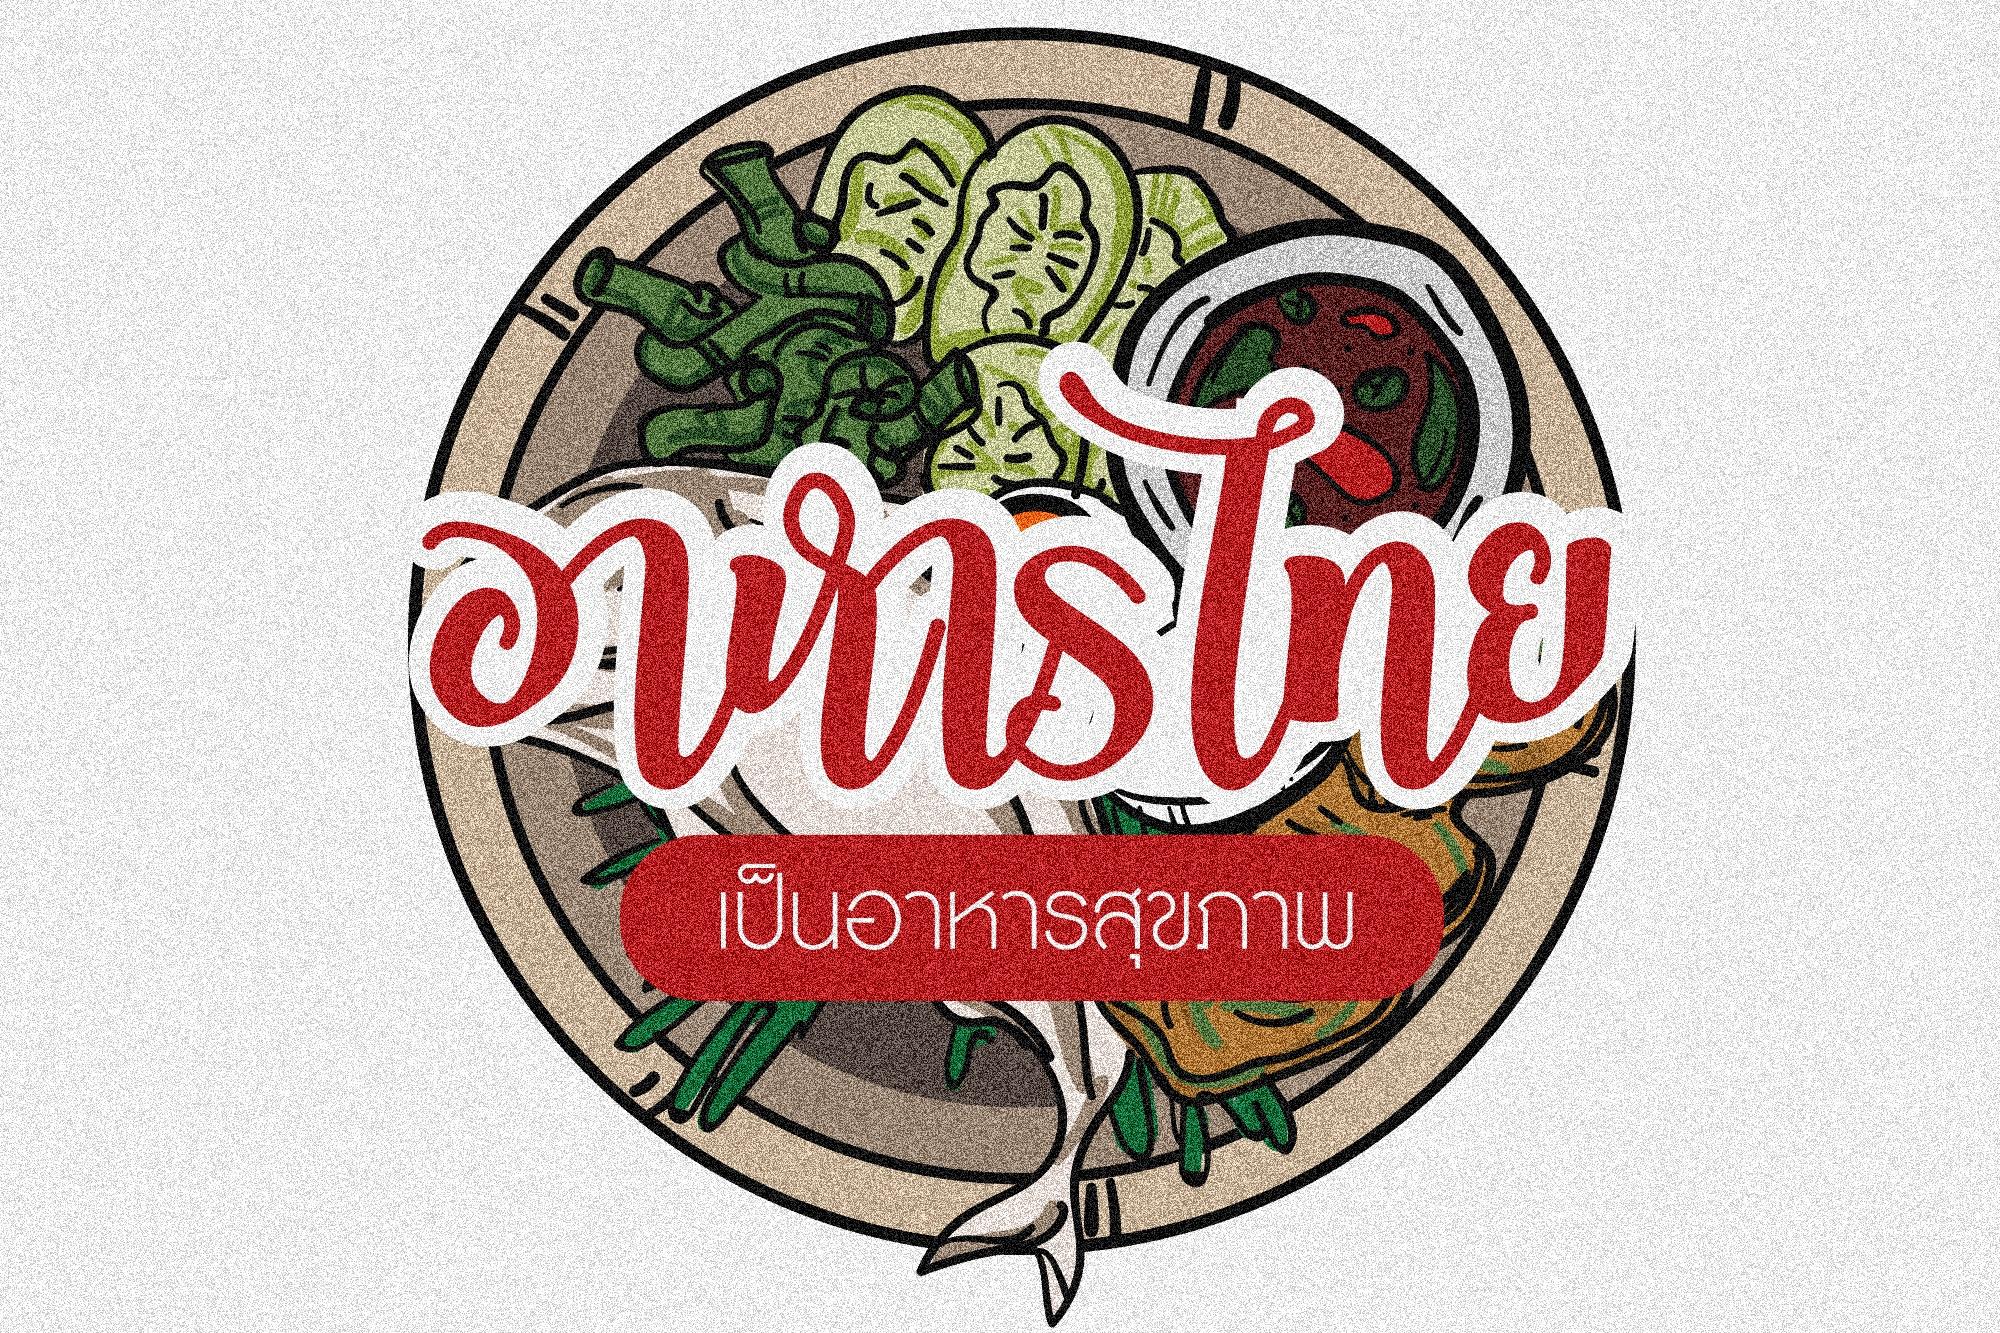 อาหารไทย เป็นอาหารสุขภาพ thaihealth